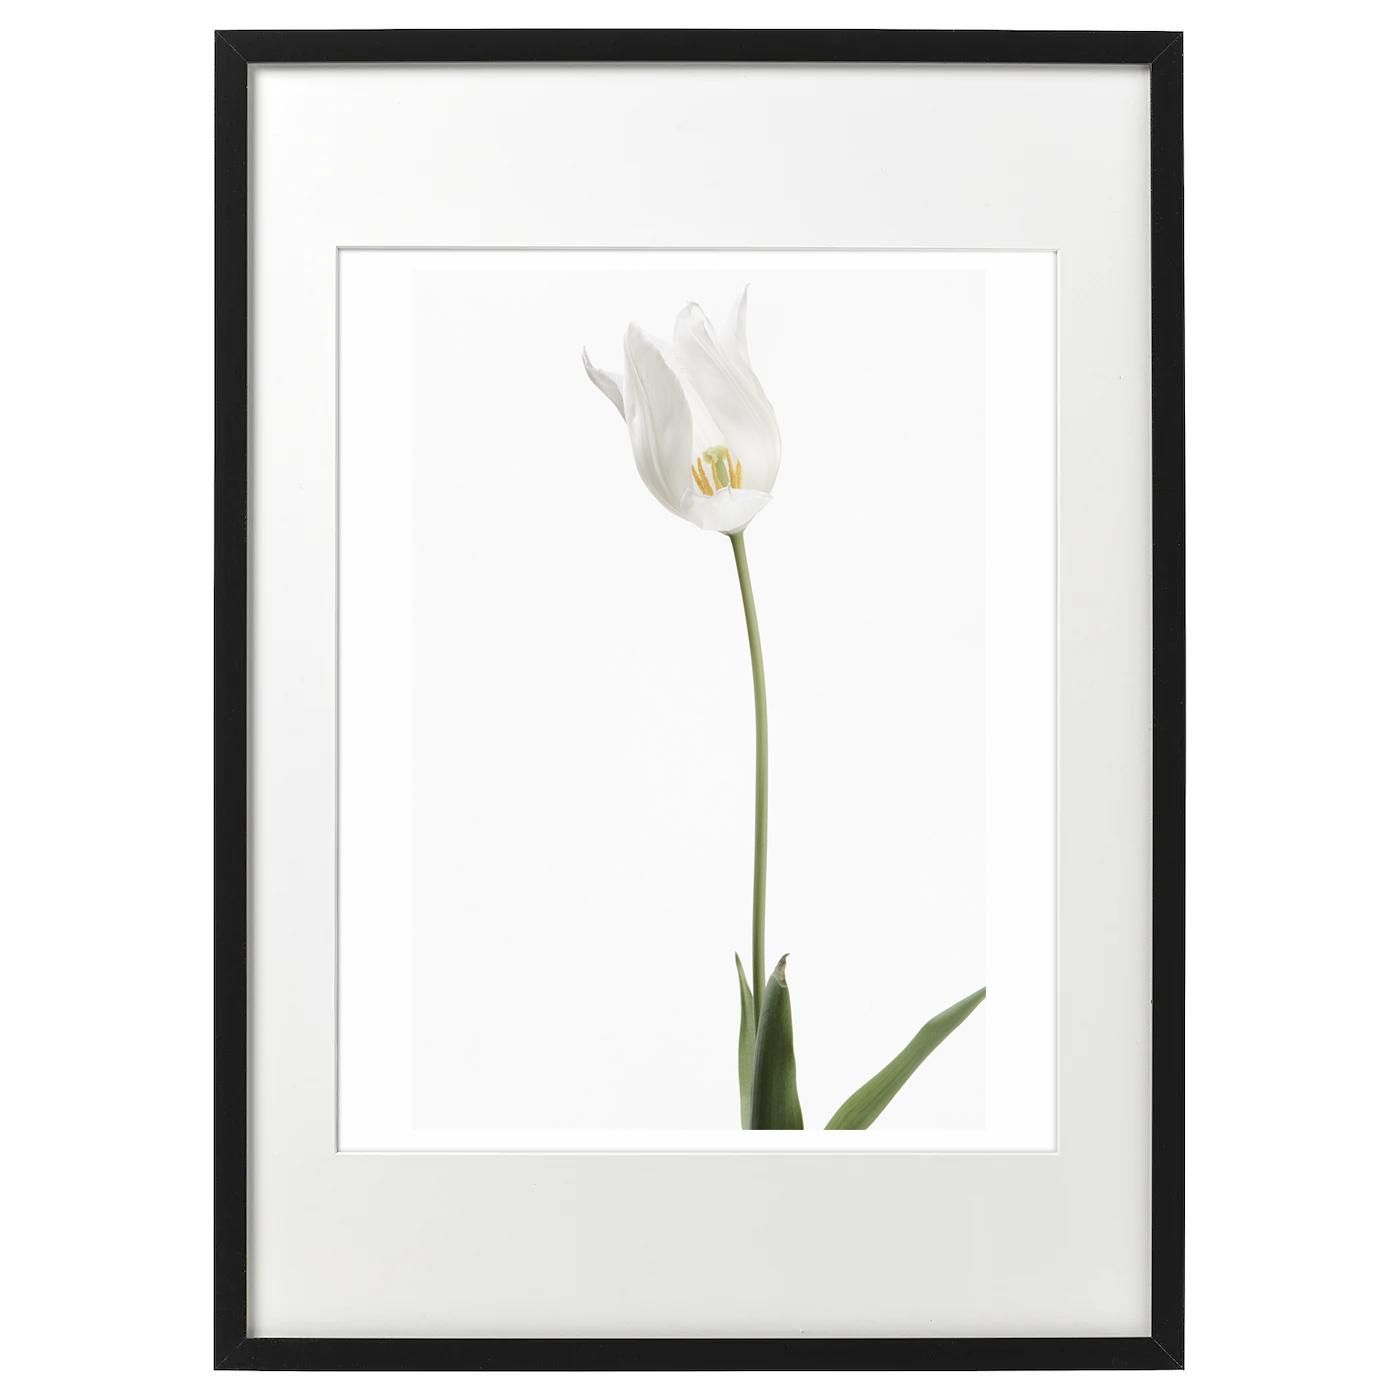 額装 ハナ 2021-021 Tulip